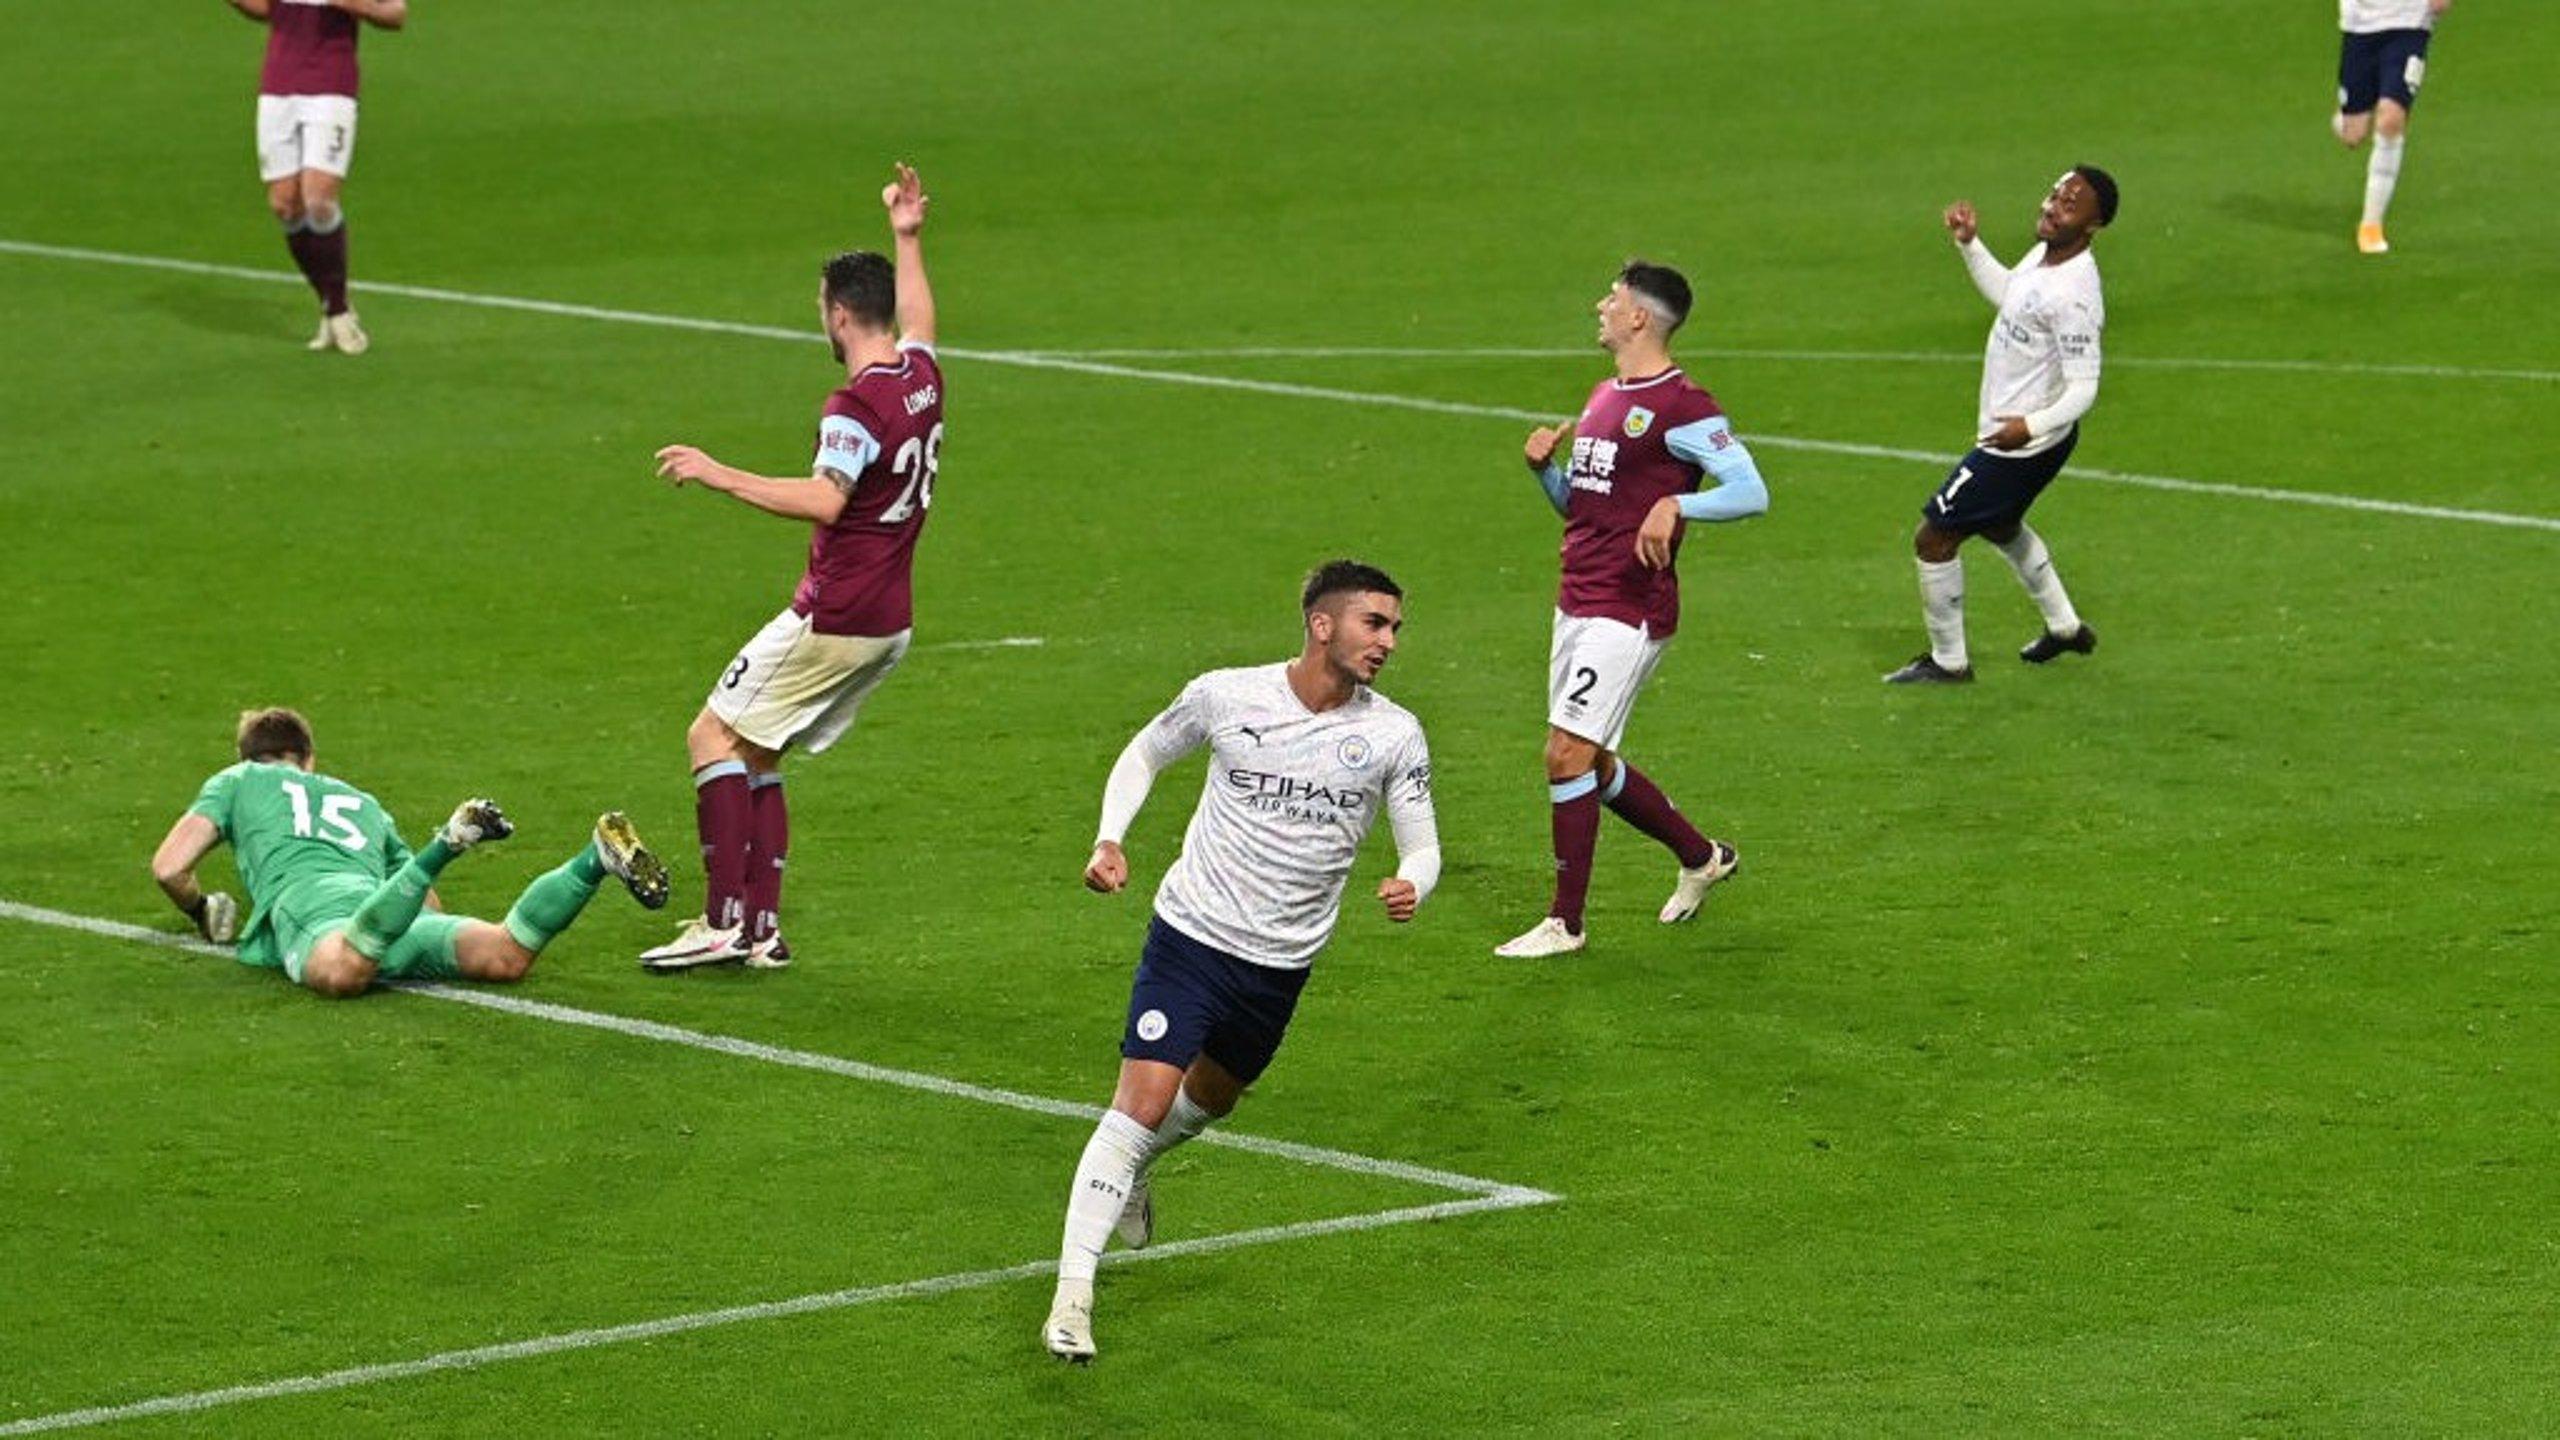 Galeri: Gol Perdana Torres Dalam Kemenangan Atas Burnley